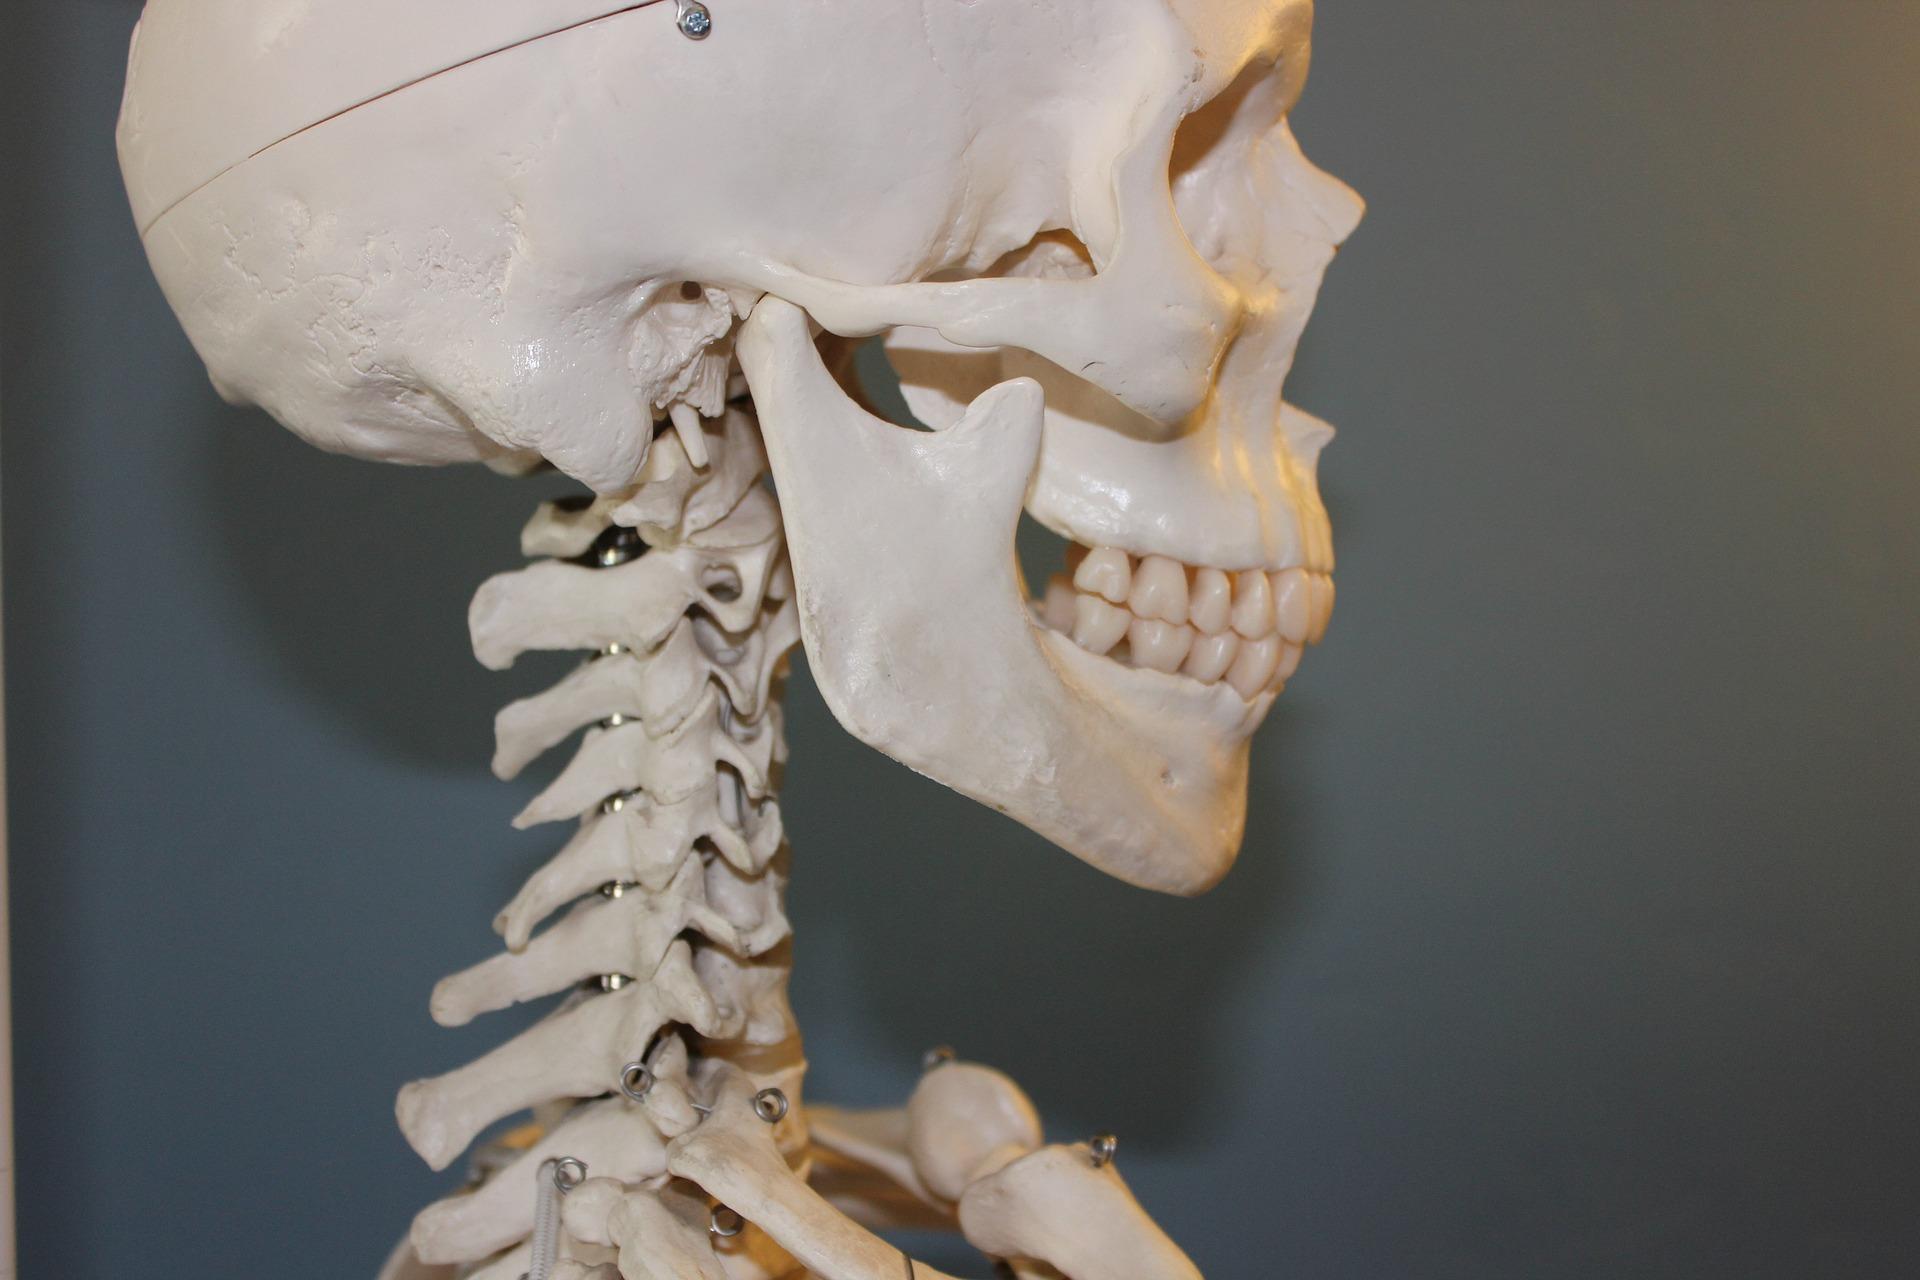 czaszka i kręgosłup szyjny